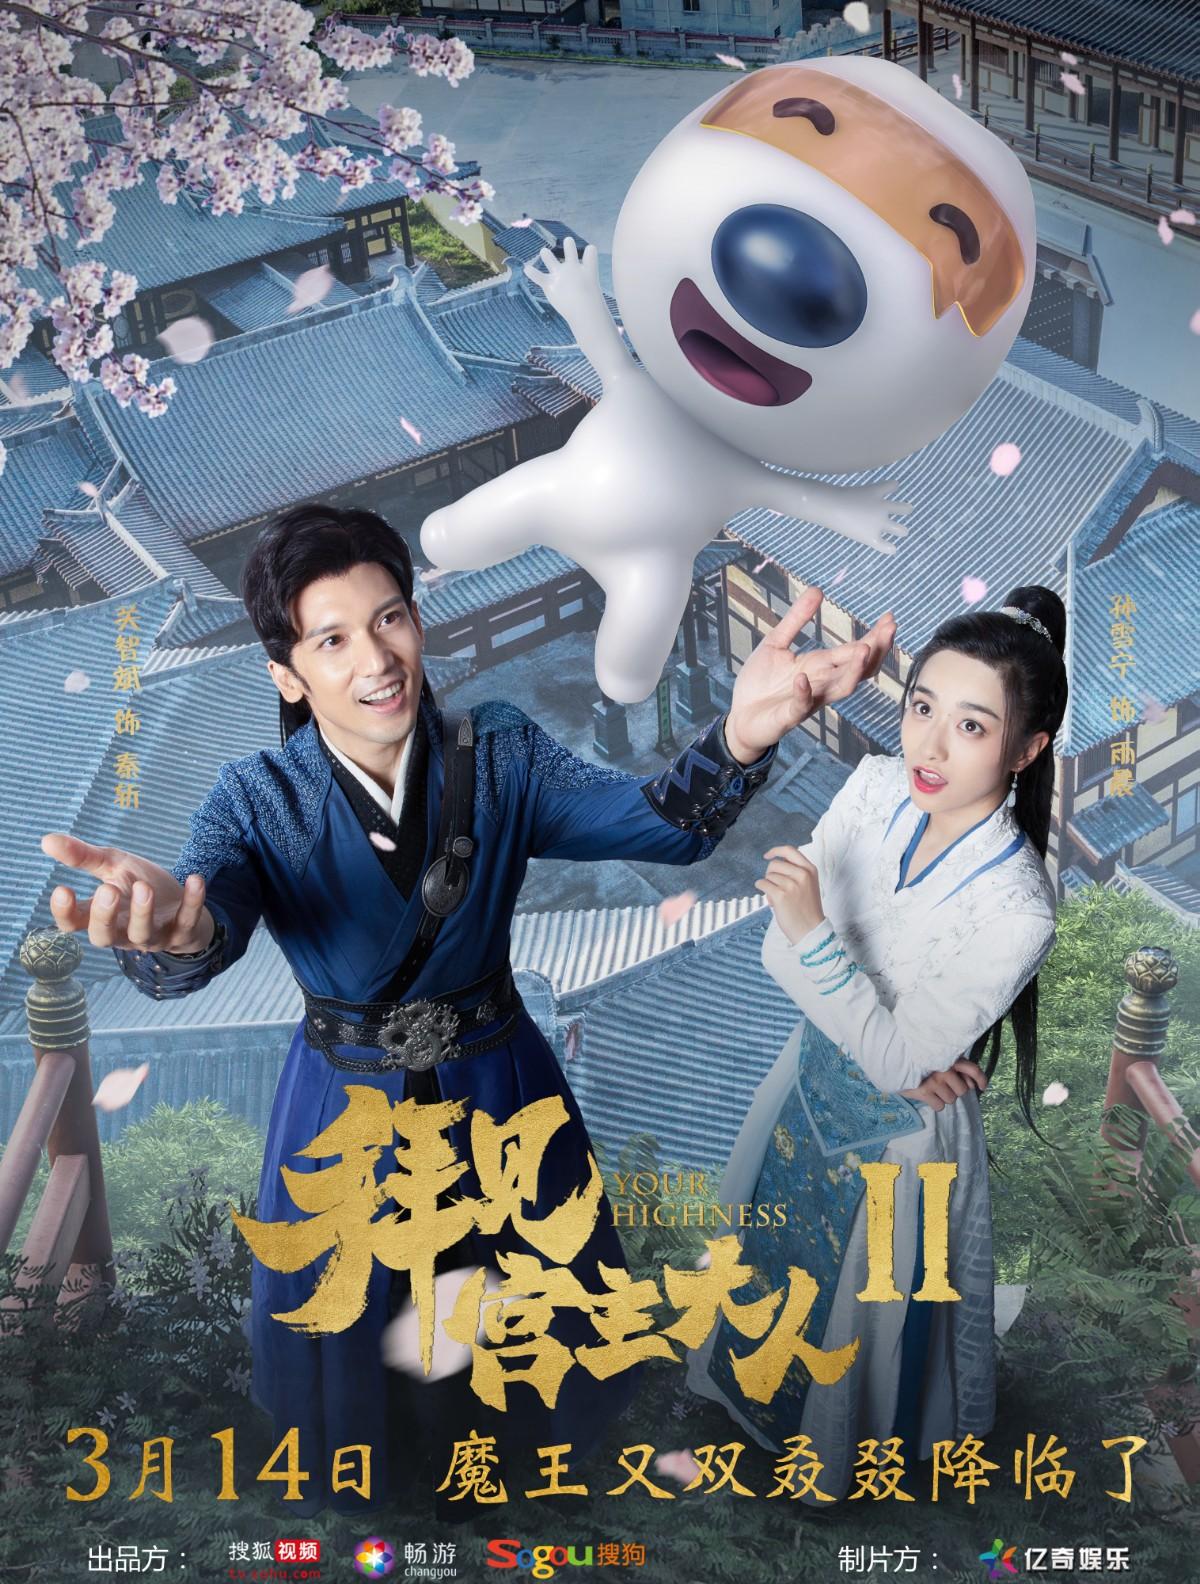 Xem Phim Bái Kiến Cung Chủ Đại Nhân 2 - Your Highness 2